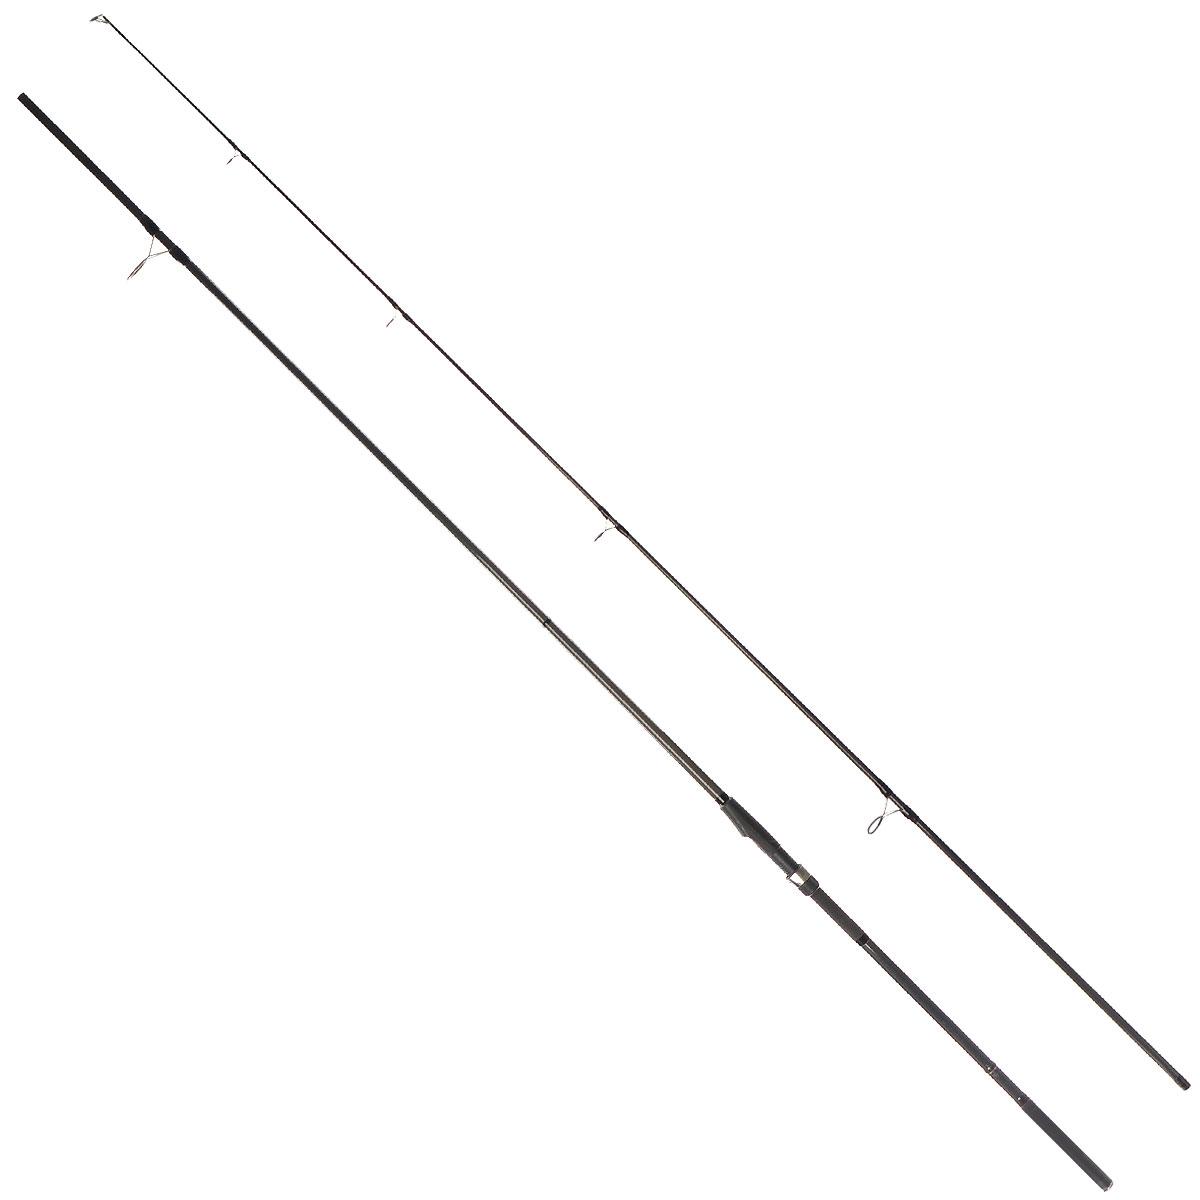 Удилище карповое Daiwa Regal X Carp, 3,6 м, 2,75 lbs0013990Карповое удилище Daiwa Regal X Carp поражает своим соотношением цены и качества. Тонкие, но мощные бланки и фурнитура премиум класса. Во время нагрузок, бланк распределяет нагрузку по всей своей длине, великолепно отрабатывая рывки рыбы. Шарнирное соединение колен сохраняет гармоничную геометрию бланка под нагрузкой. В комплекте чехол для переноски и хранения. Тест: 2,75 lbs.